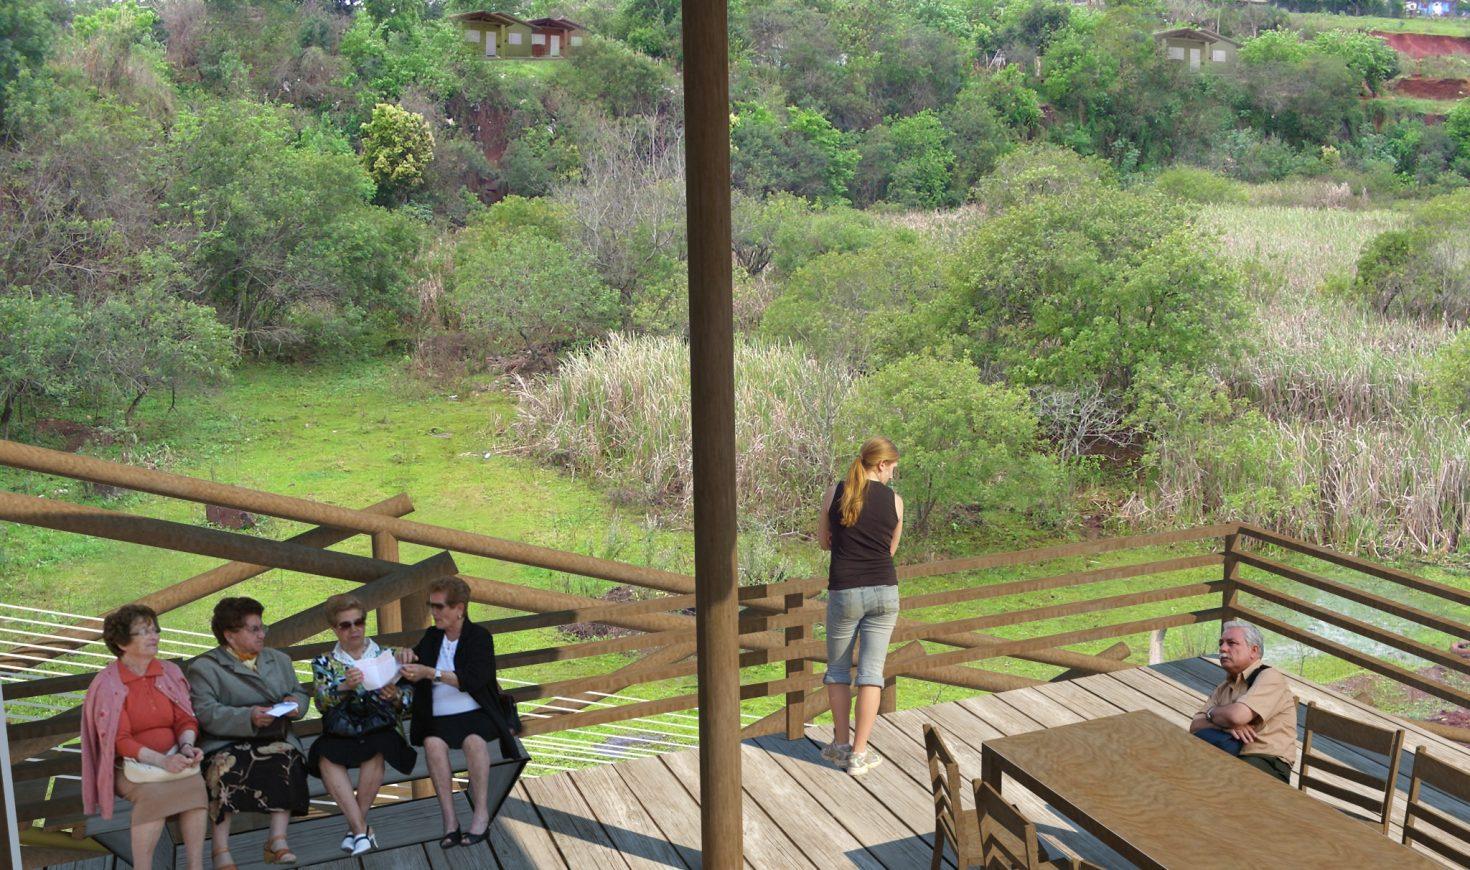 Vista do terraço junto aos tonéis para a área oeste do Parque.